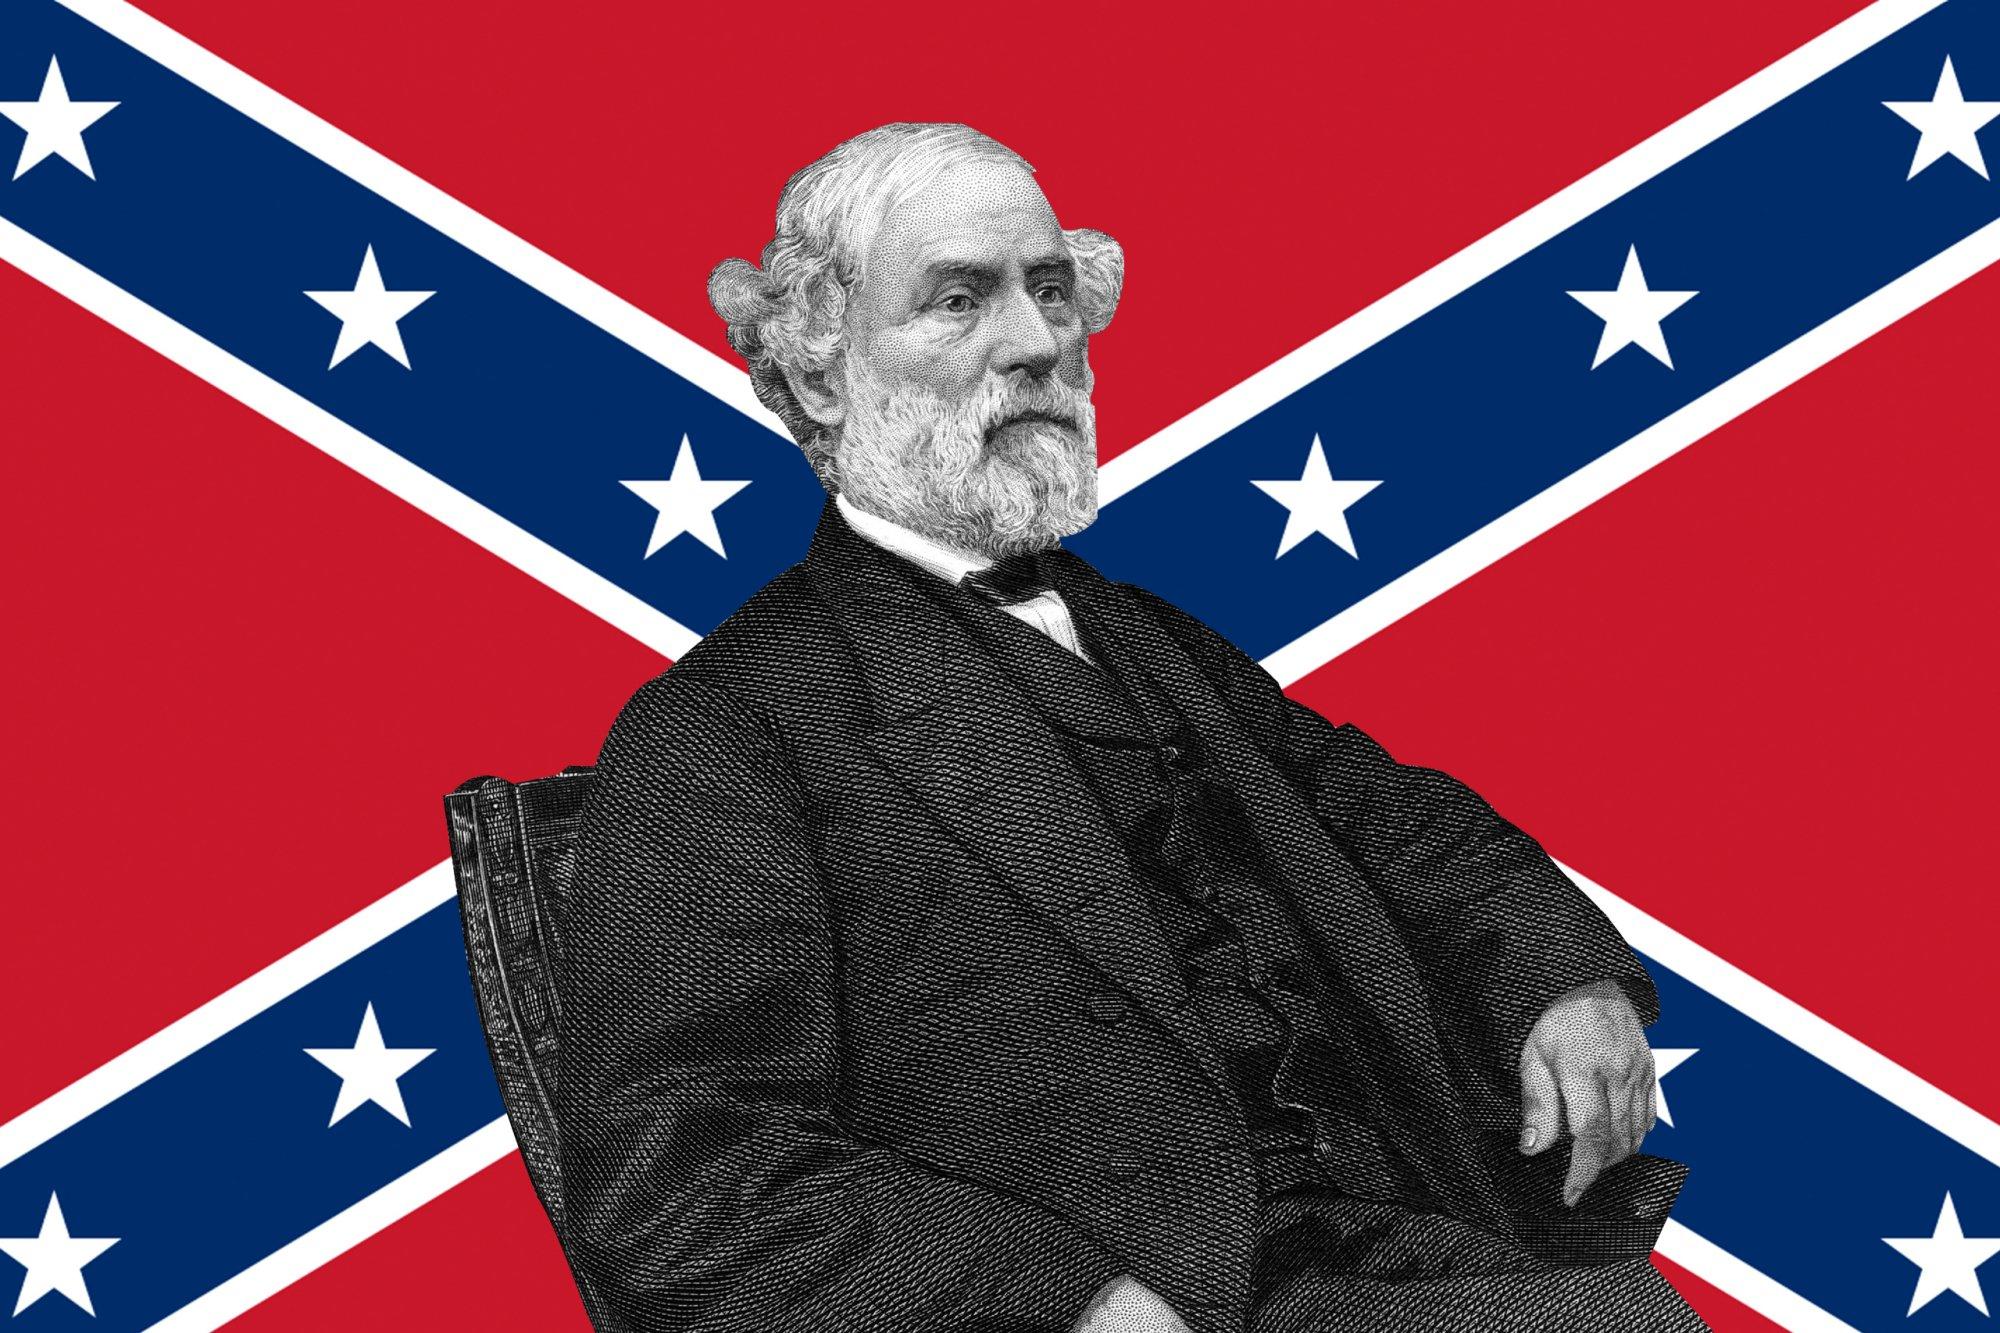 14678 Confederate Flag Wallpaper 20001333 2000x1333